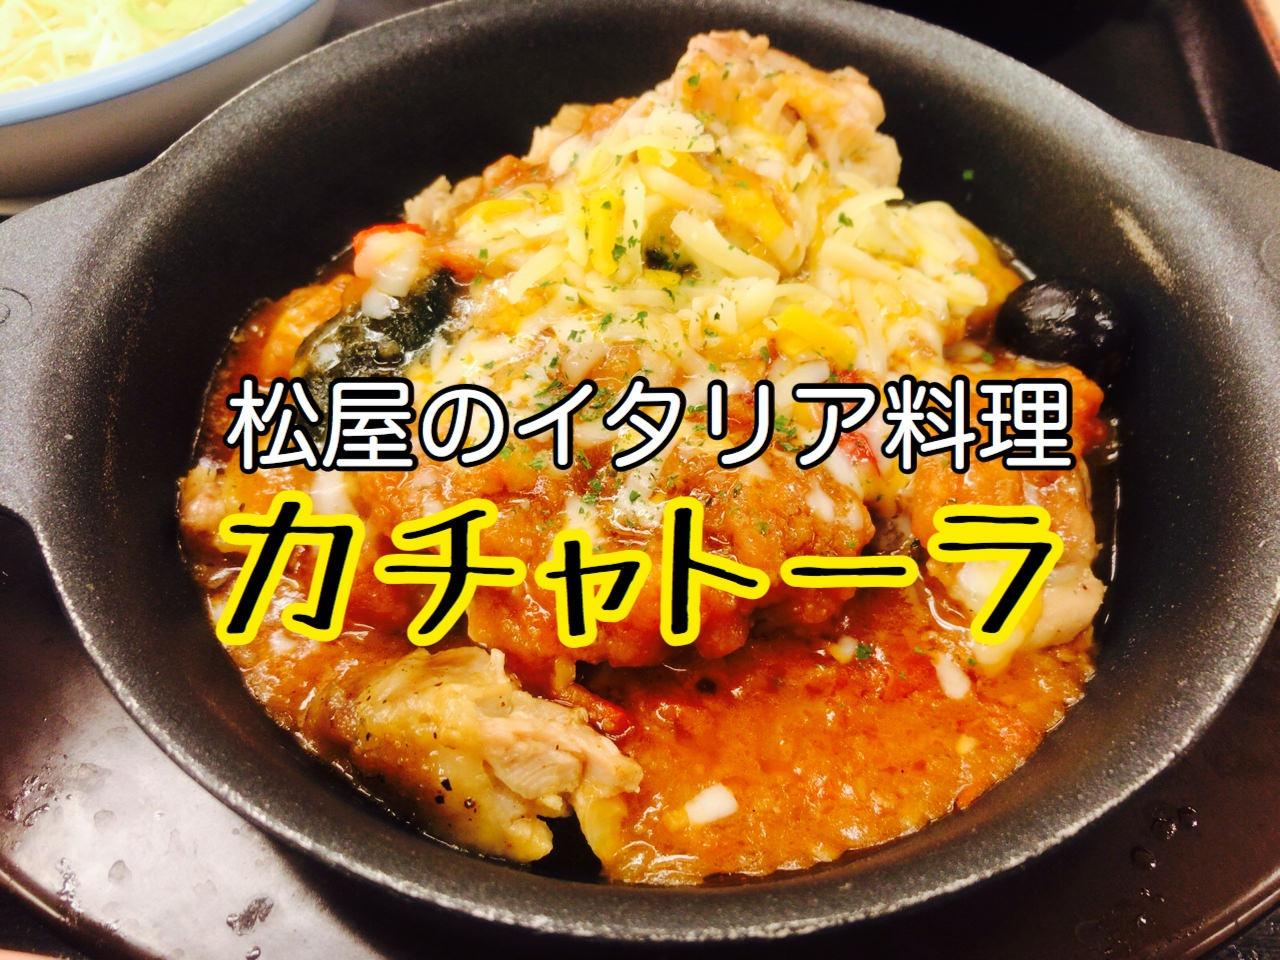 【松屋】「カチャトーラ」松屋世界紀行の第2弾は猟師風のイタリア料理